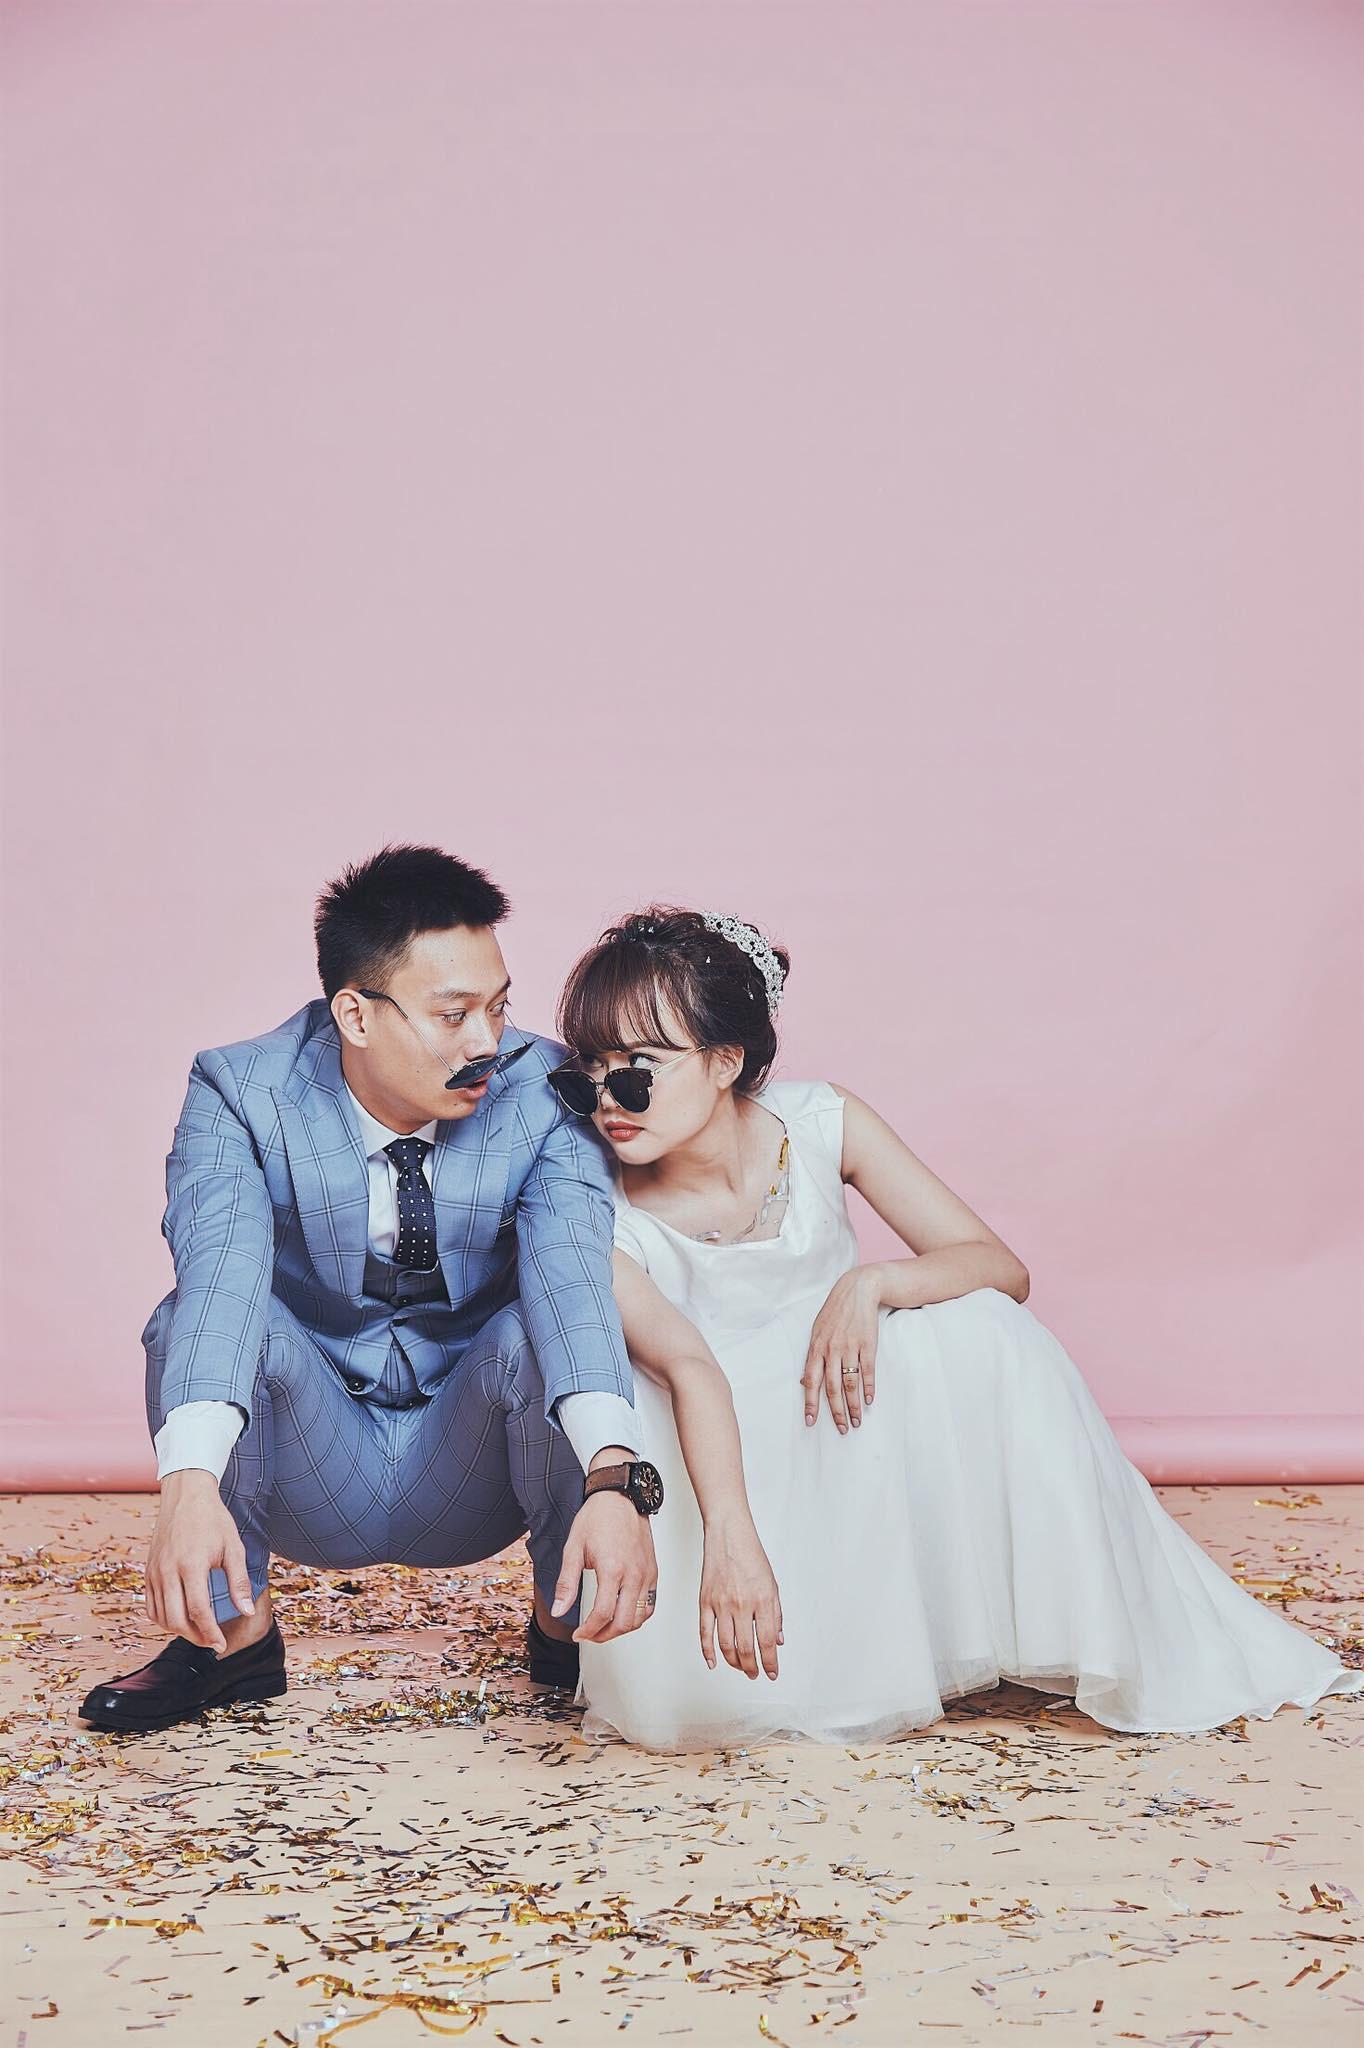 Không chỉ thực hiện một bộ ảnh cưới mang phong cách hài hước\u2026